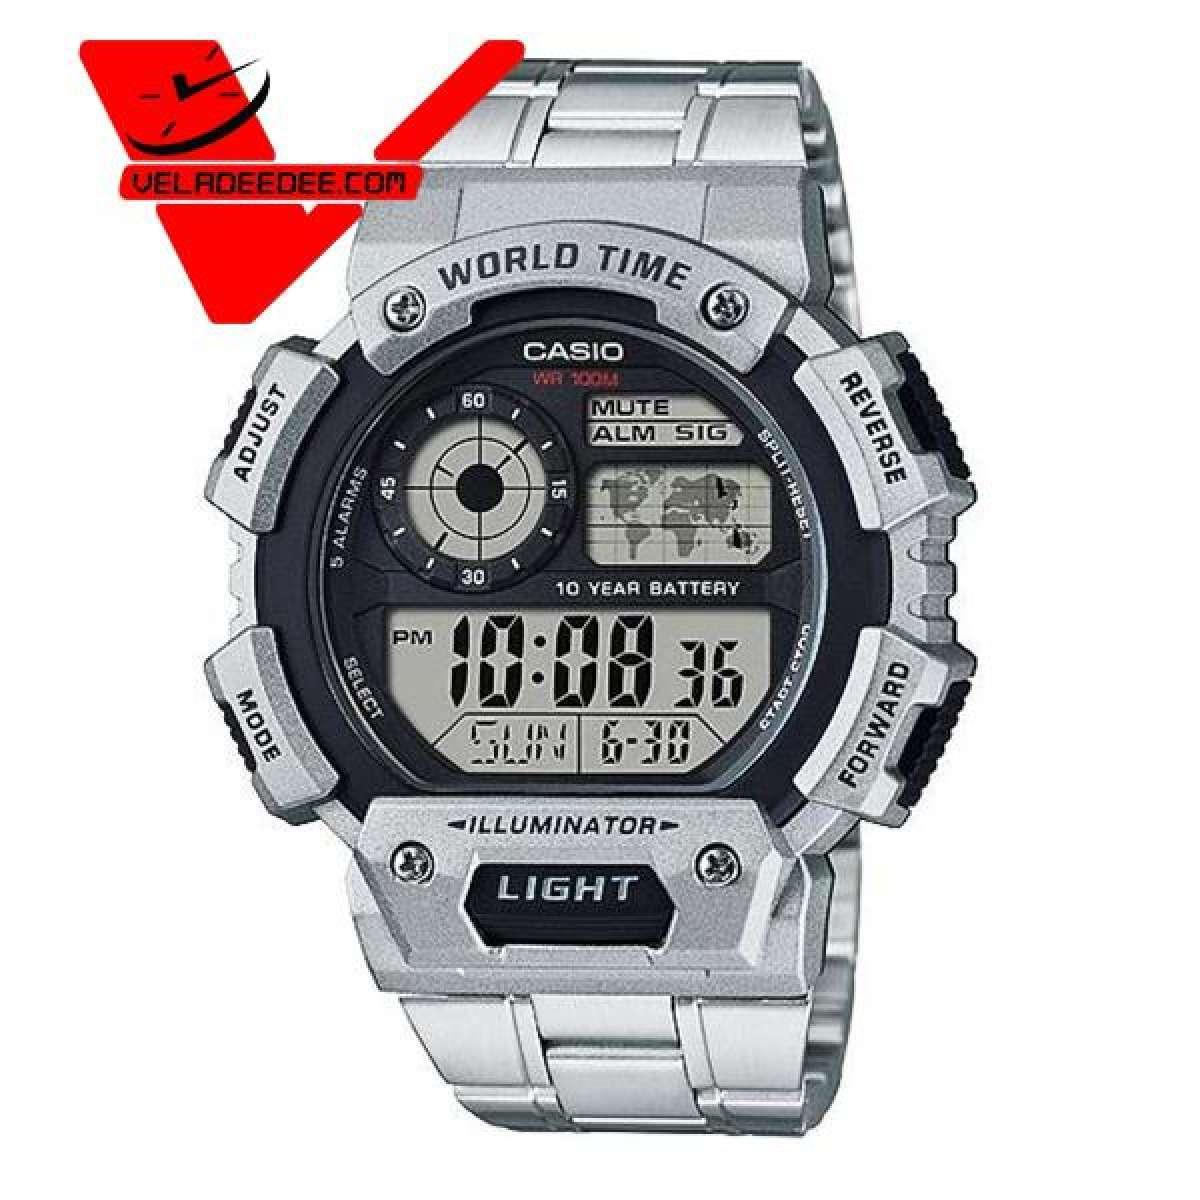 Casio (คาสิโอ ประกันศูนย์เซ็นทรัล1ปี) AE-1400WHD-1A แบตเตอรี่ 10 ปี World Time นาฬิกาข้อมือ สายสแตนเลส  รุ่น AE-1400WHD-